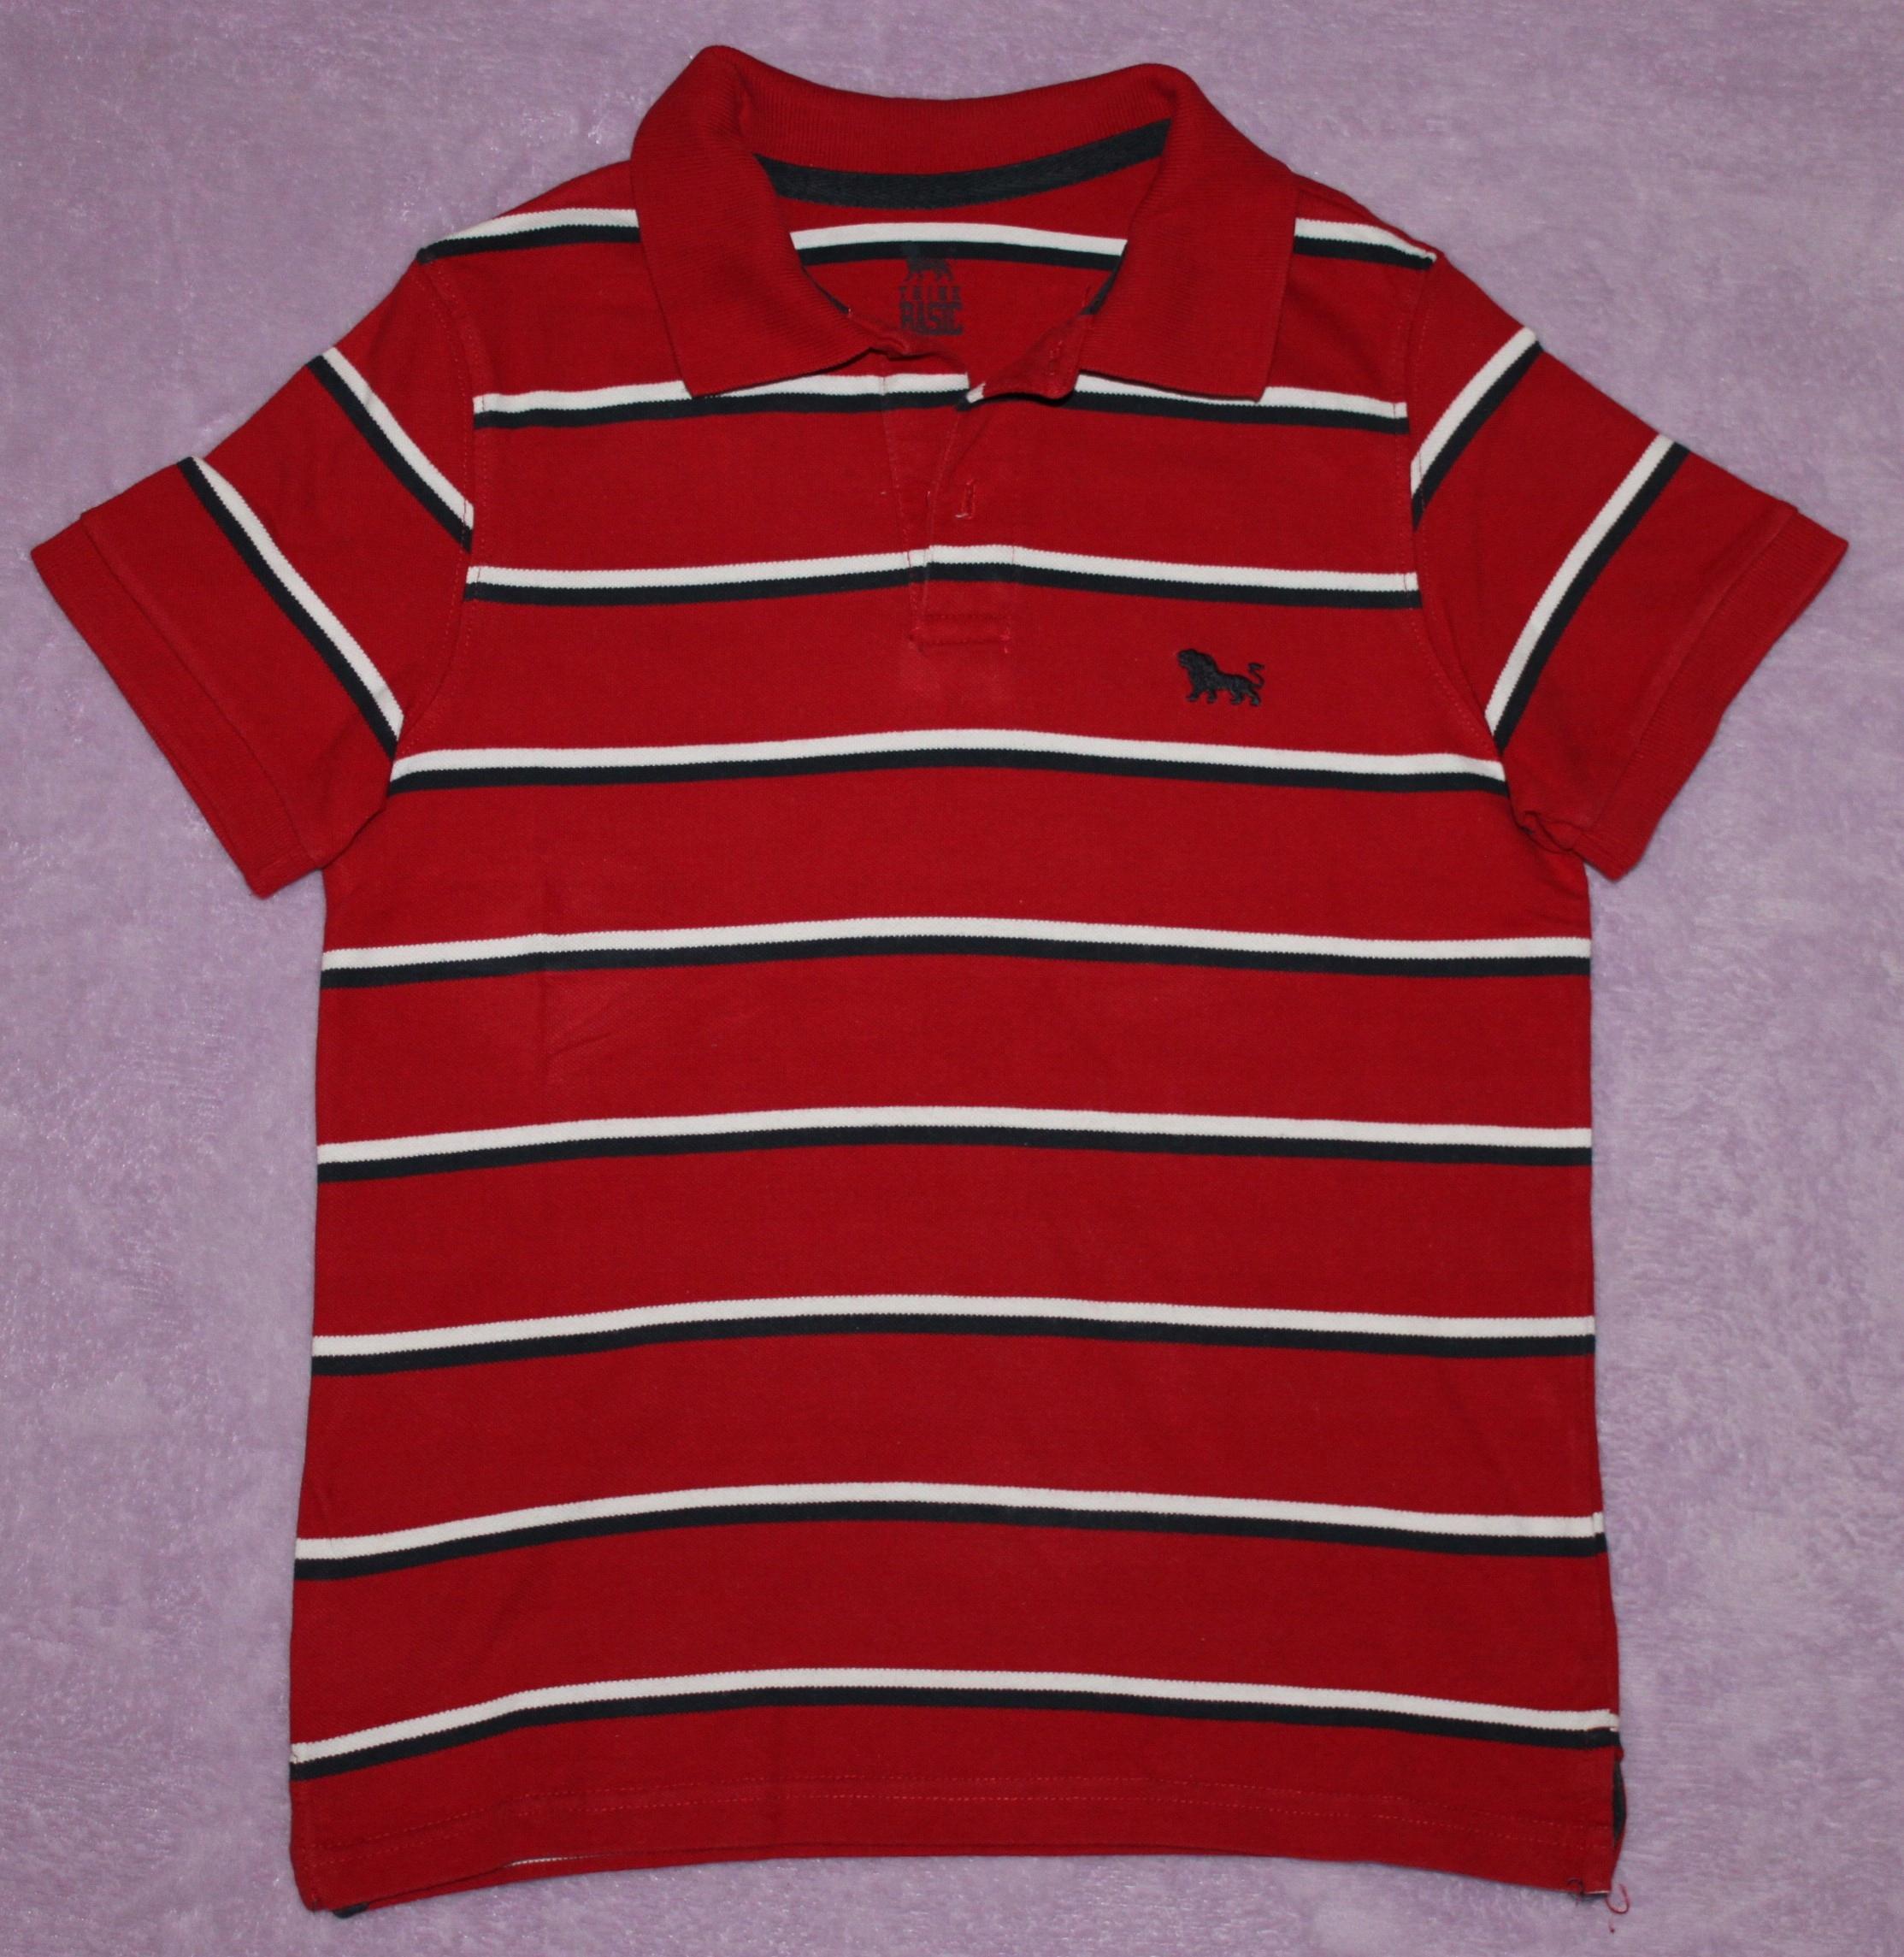 Koszulka polo czerwona w paski, Tchibo, r. 140